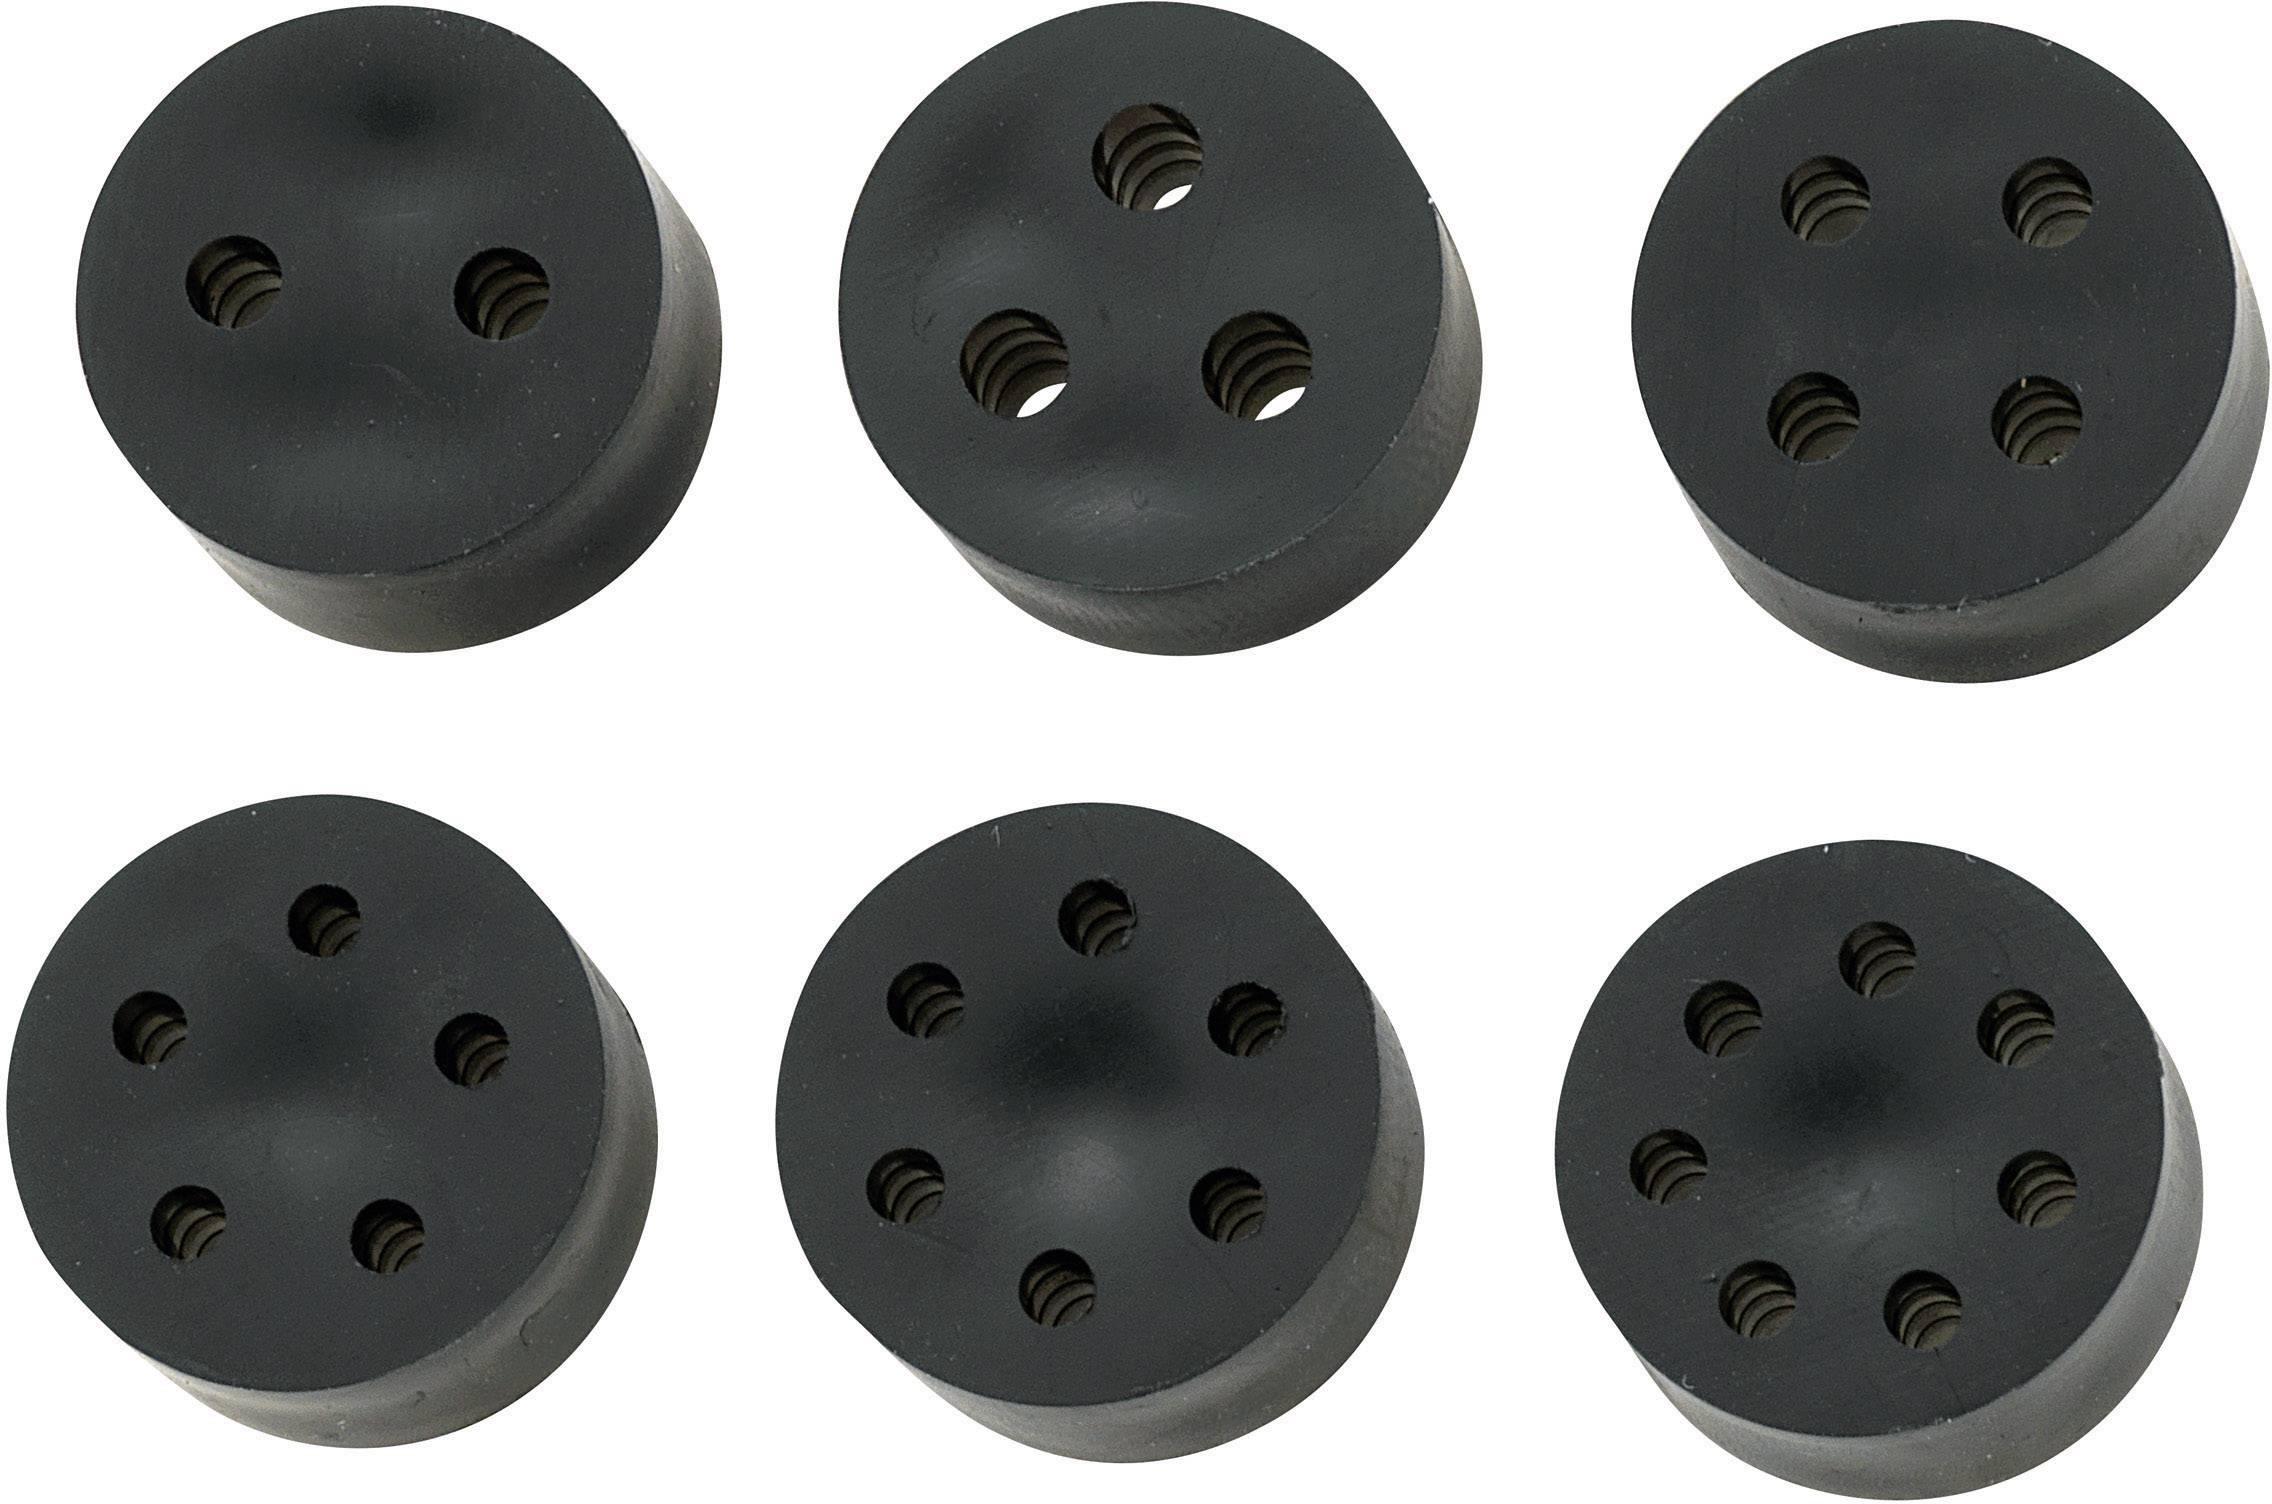 Tesniaca vložka s viacerými priechodmi KSS MH23-4E, M25, guma, 1 ks